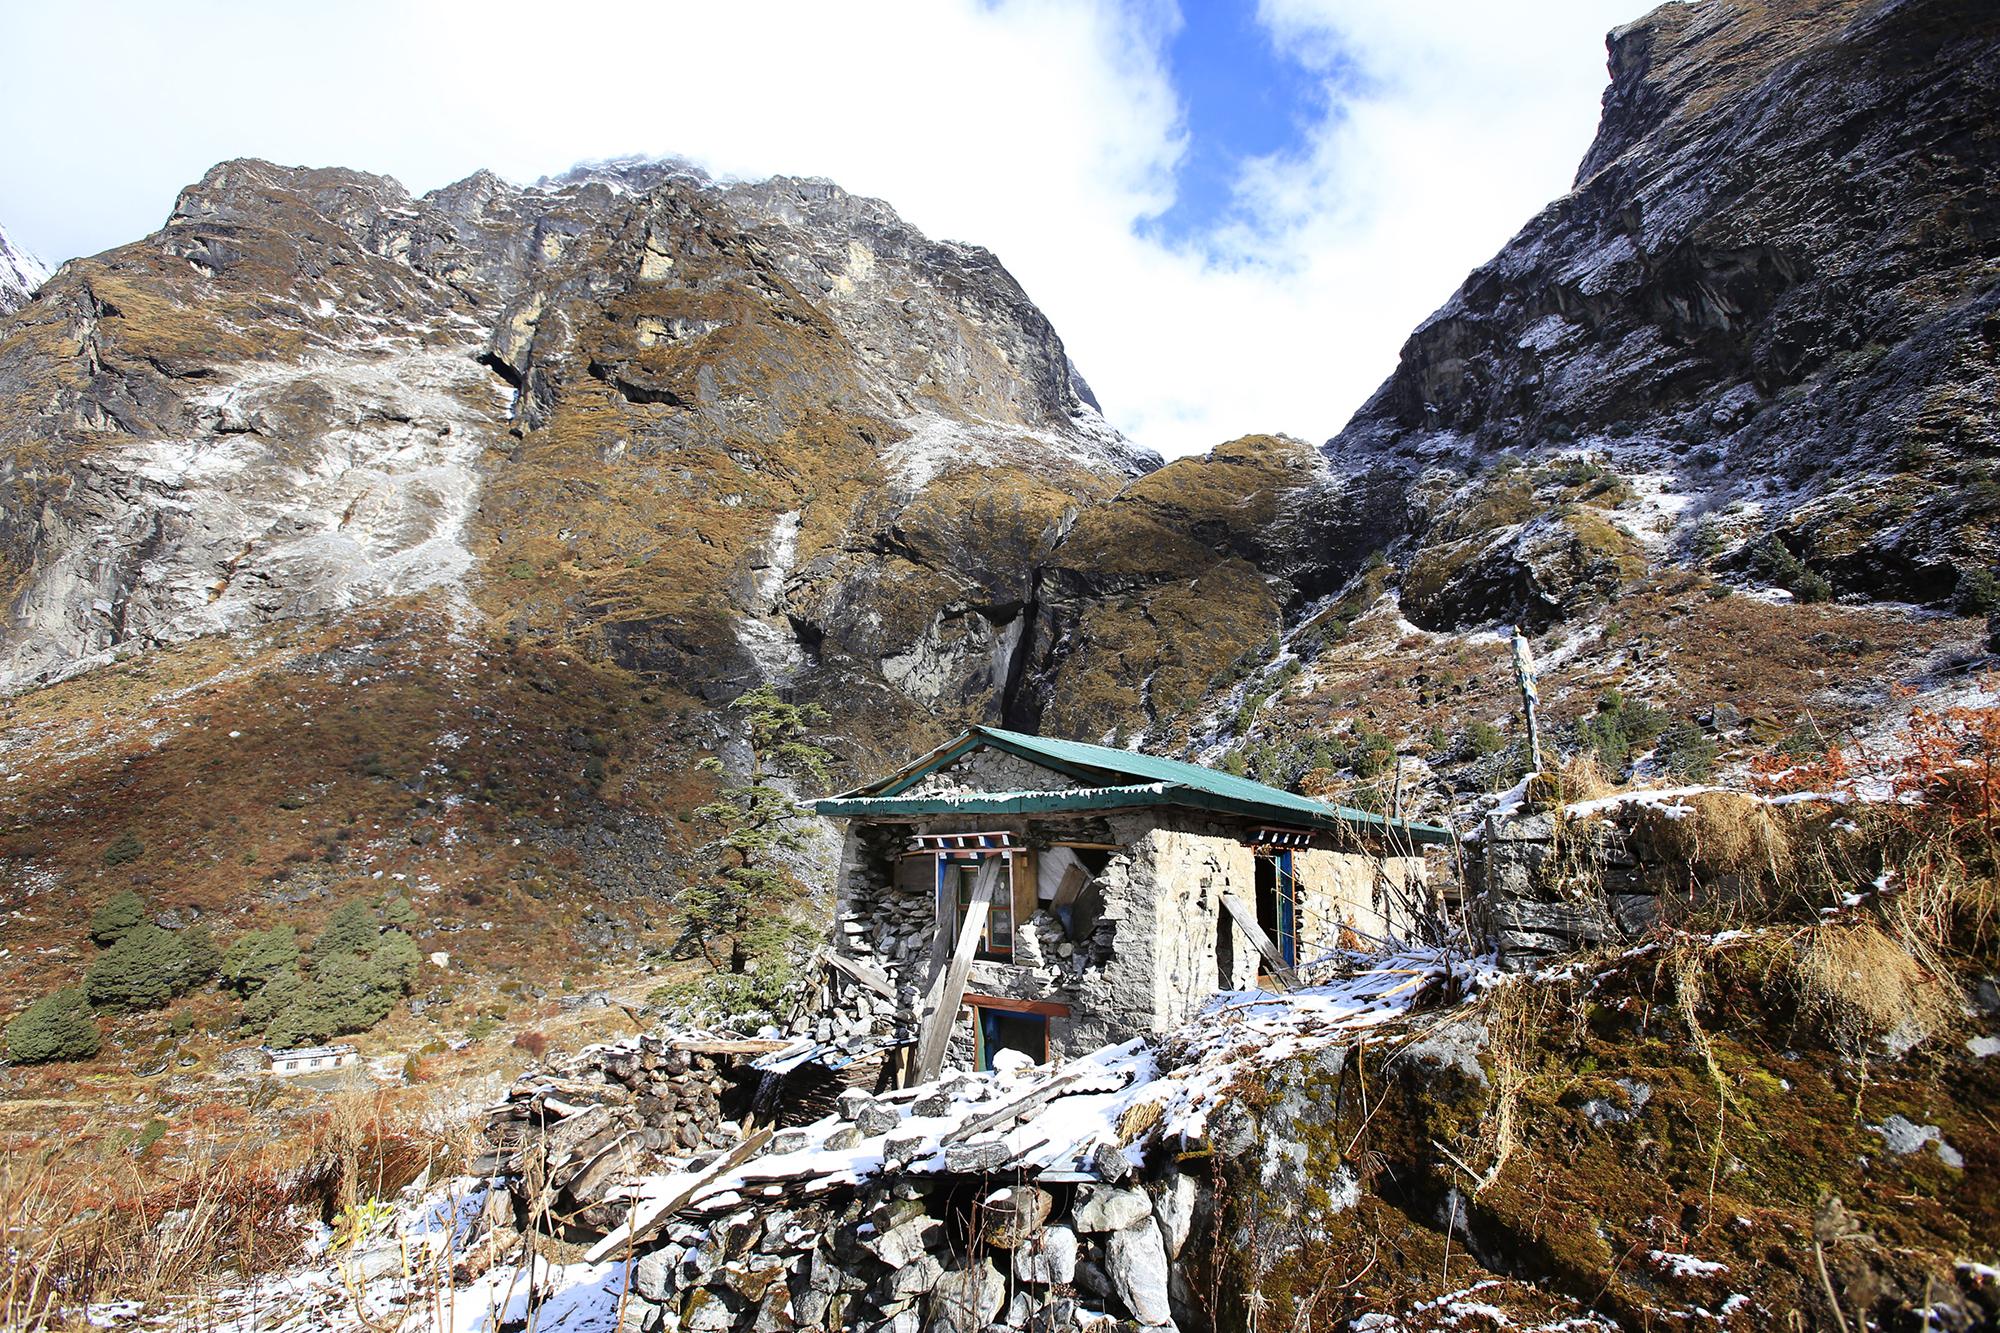 Reportage | Losan Piatti - Fotografo Italia_Nepal 2015_Terremoto Casa Distrutta